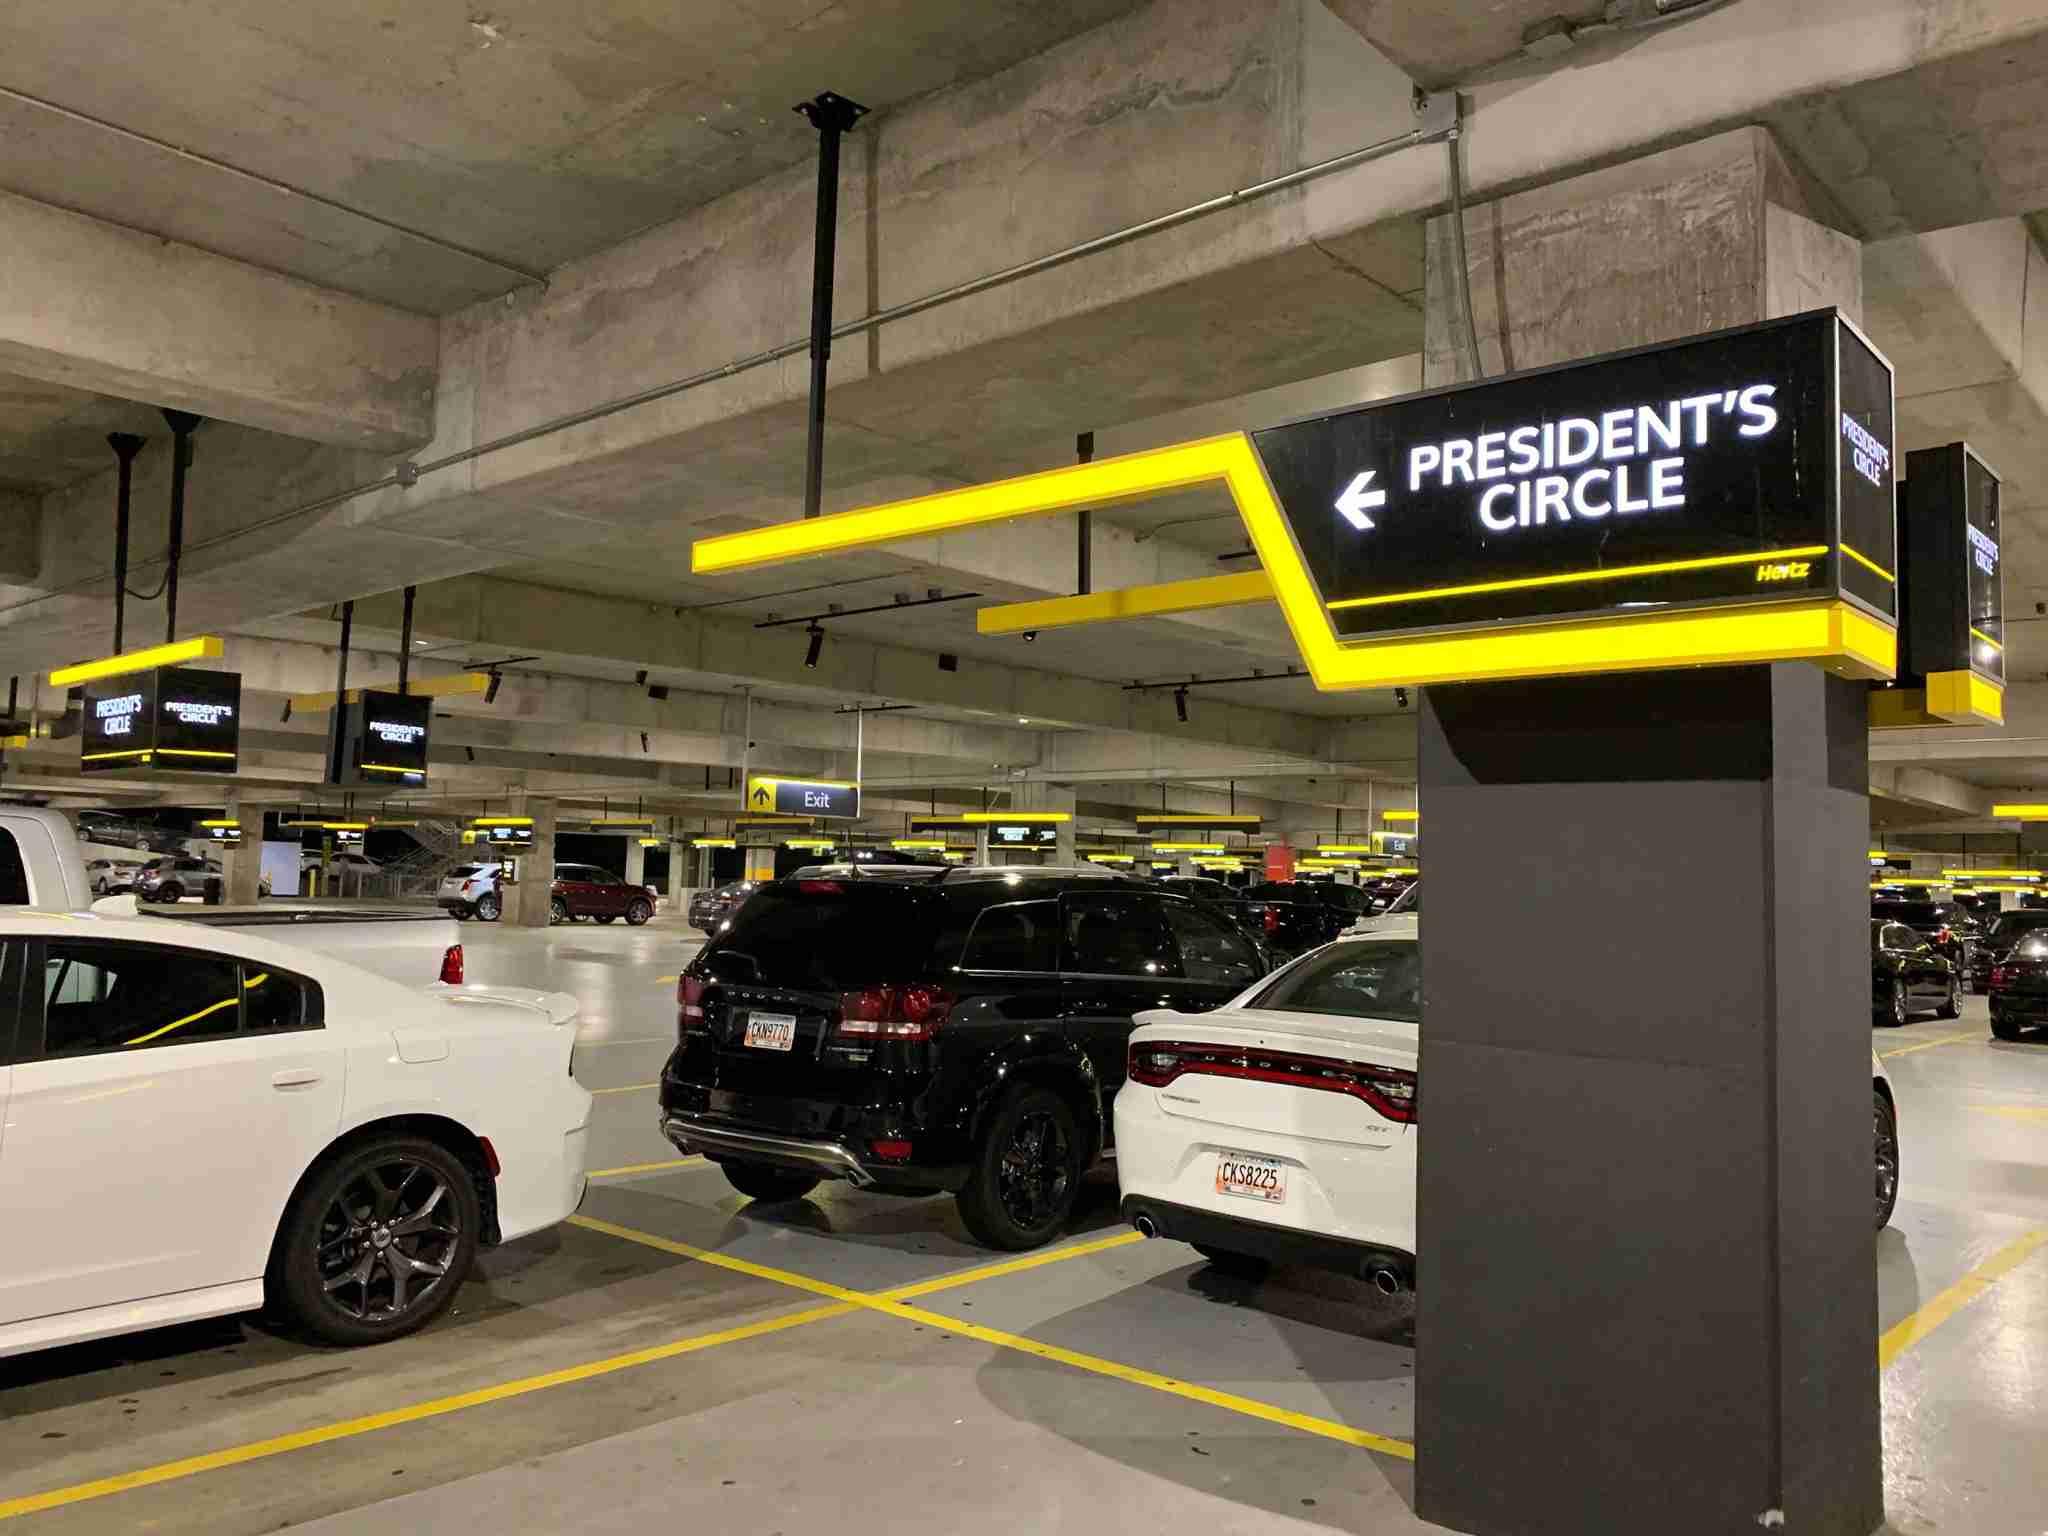 hertz-presidents-circle-garage-airport-2019